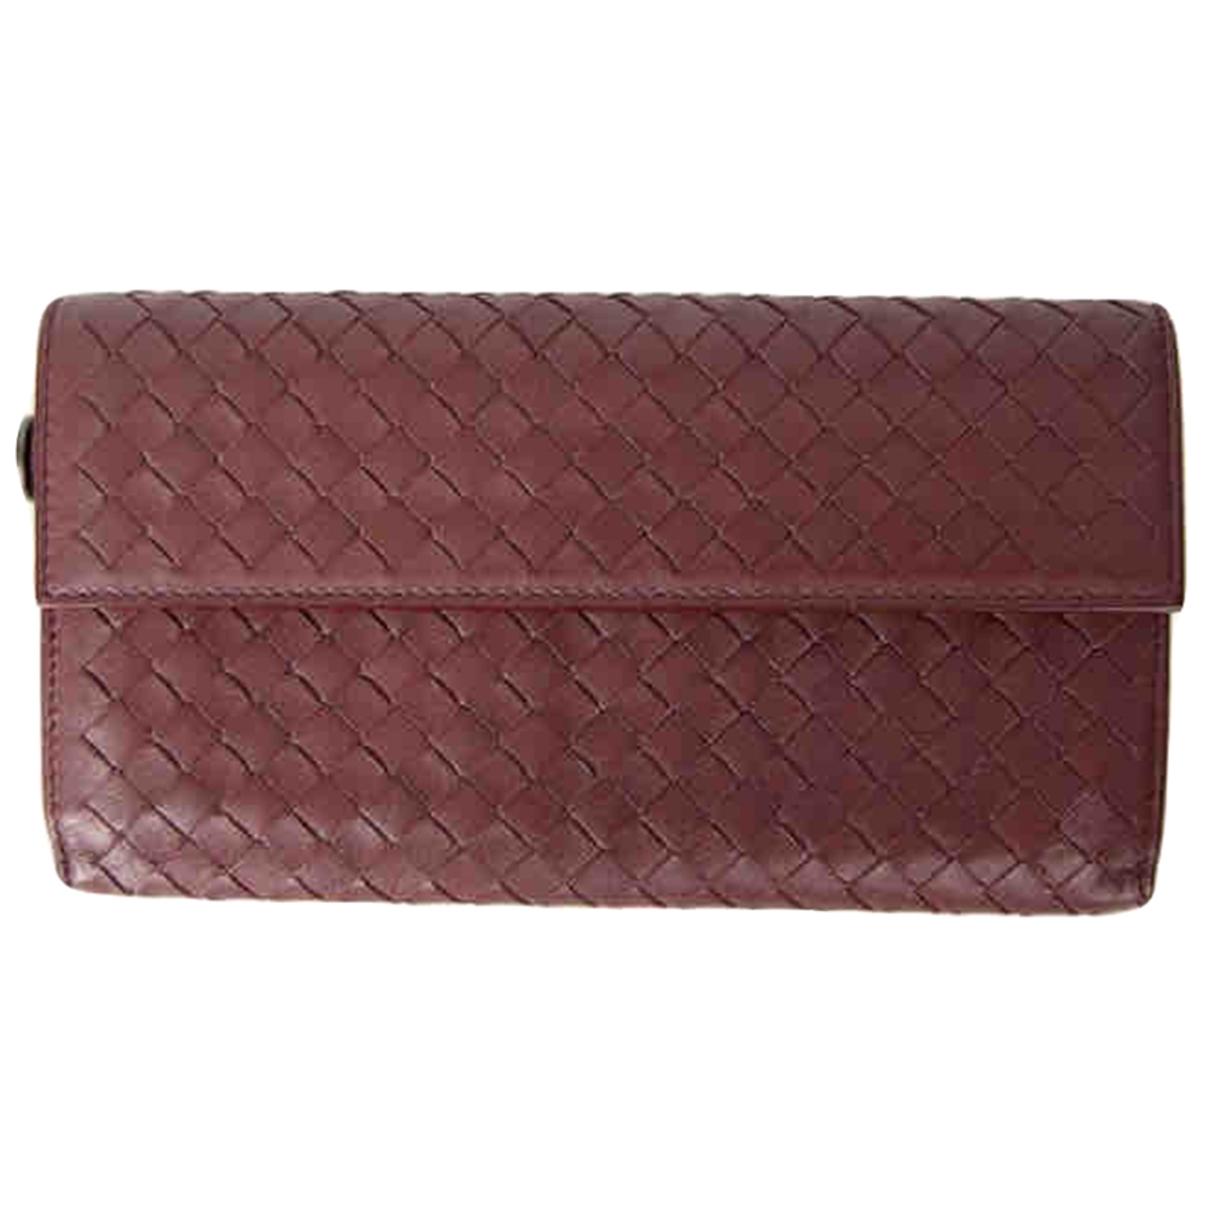 Bottega Veneta - Portefeuille   pour femme en cuir - bordeaux